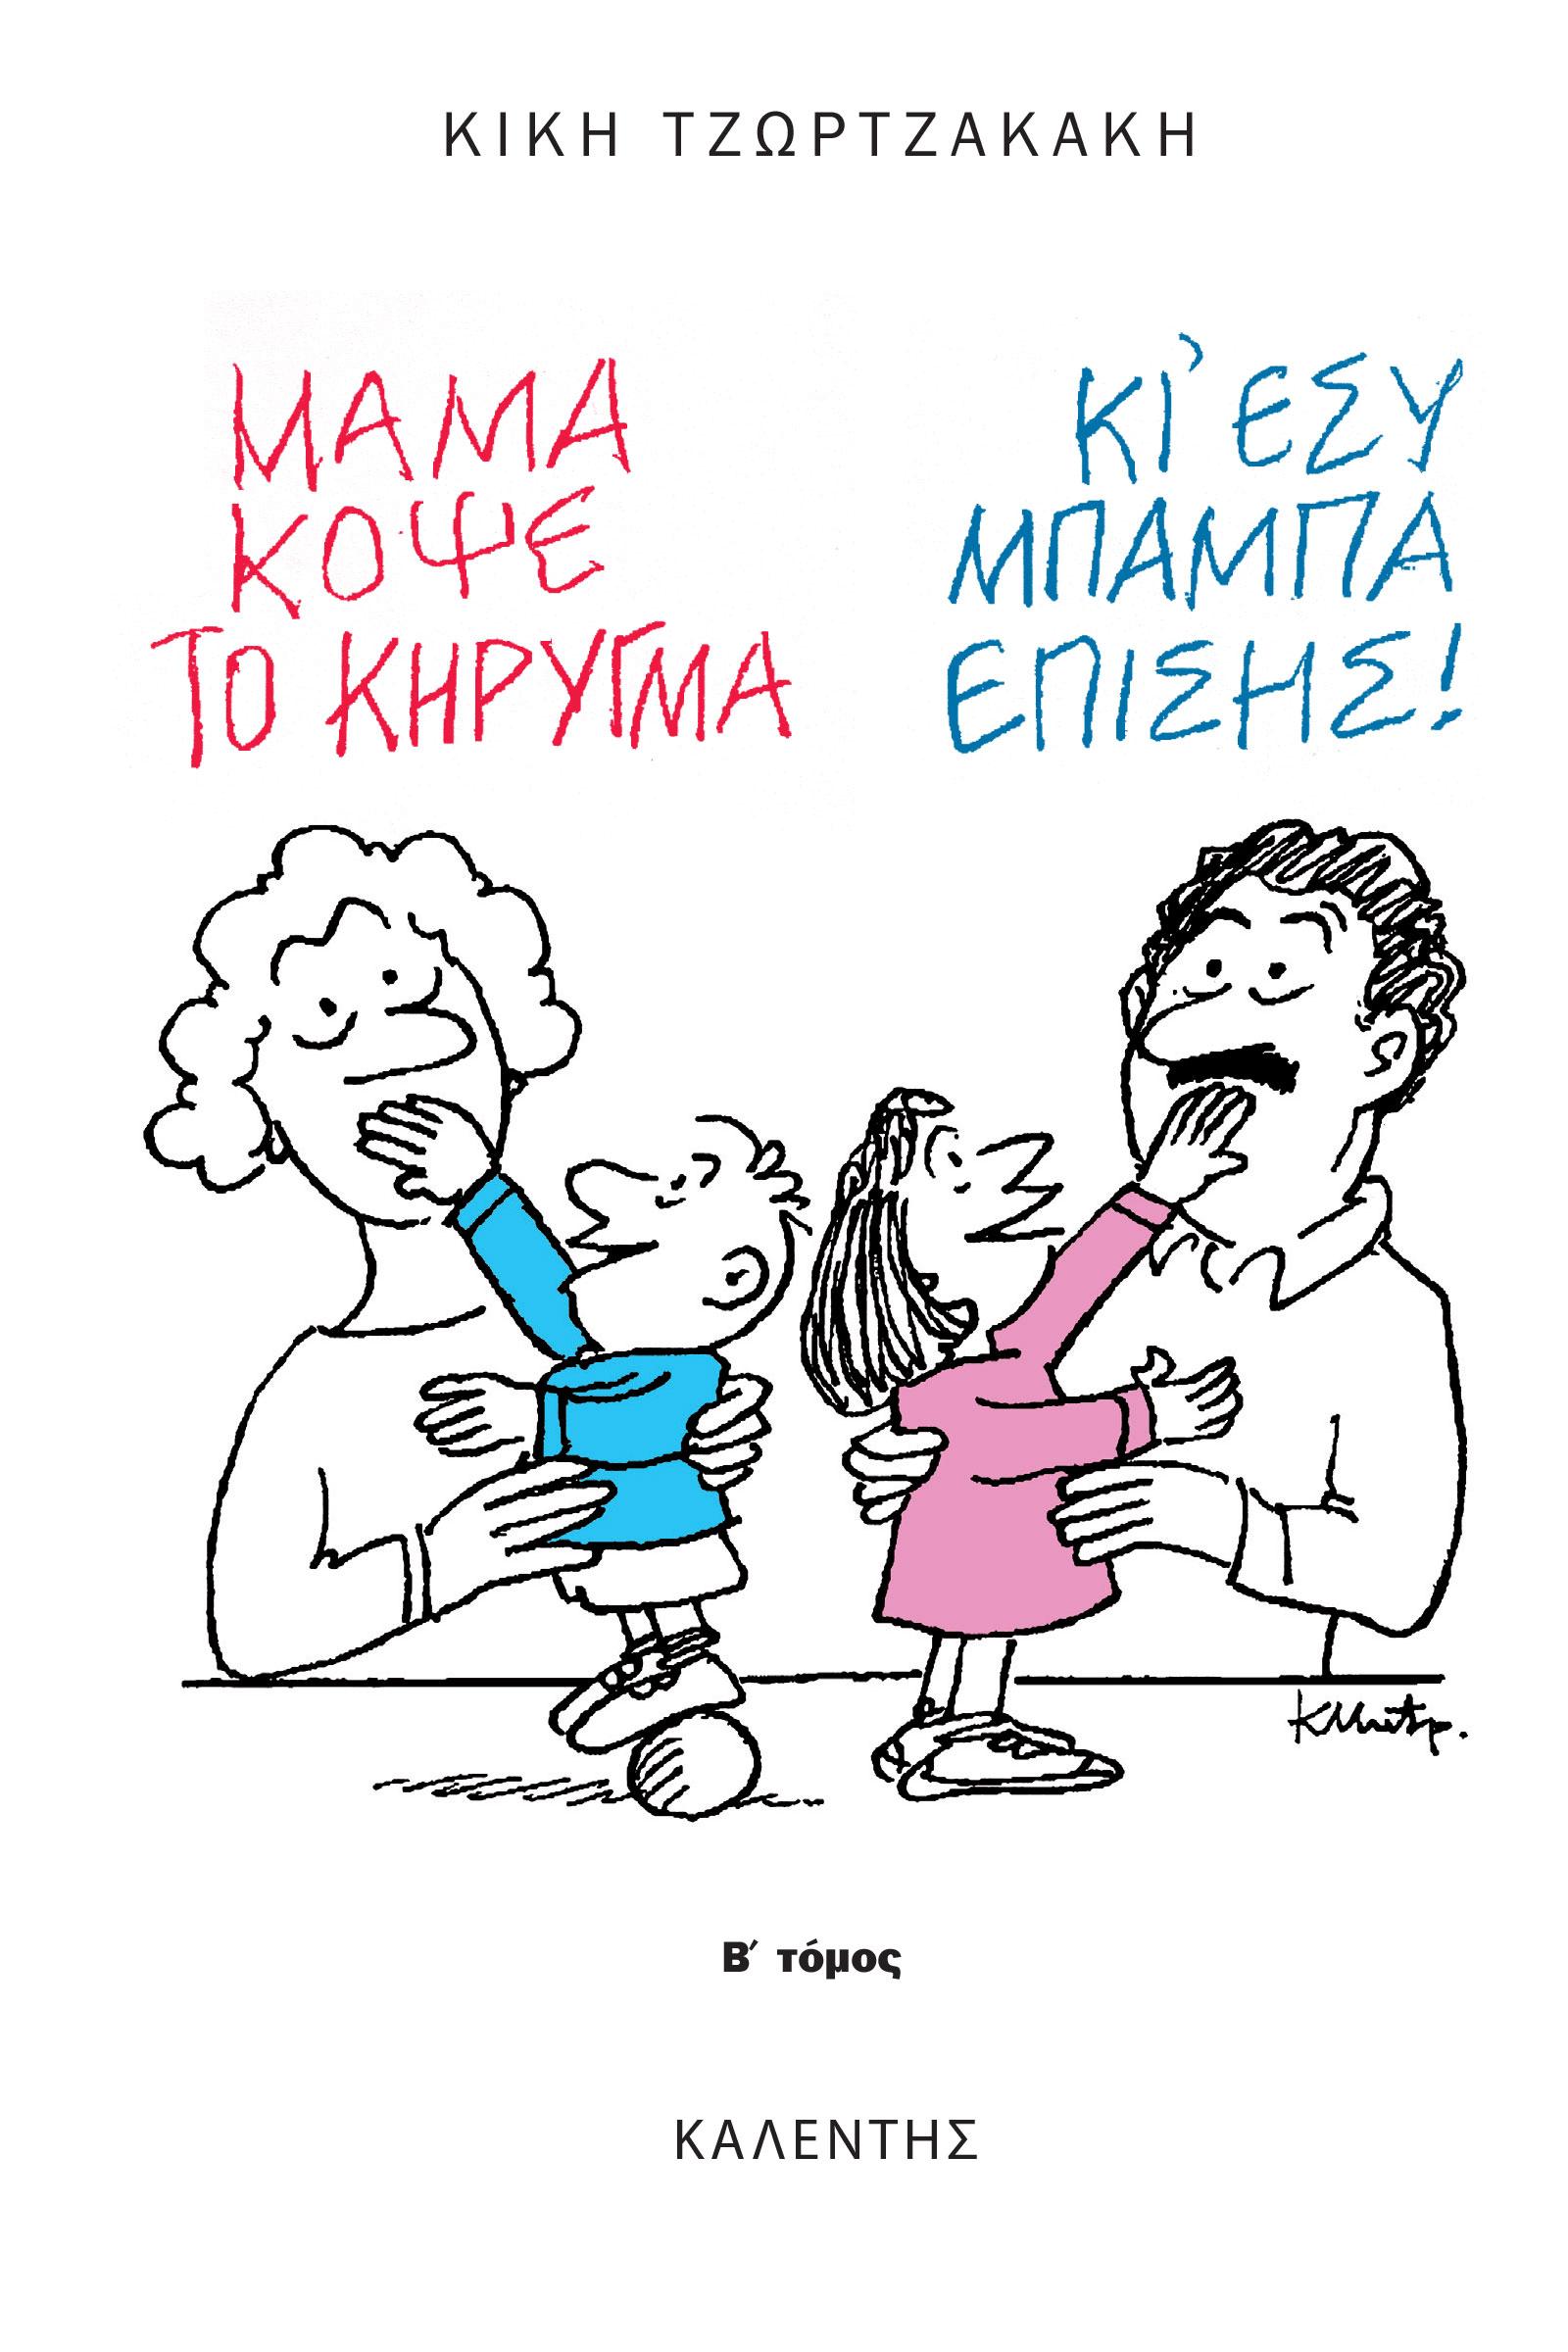 Μαμά, κόψε το κήρυγμα (κι εσύ, μπαμπά, επίσης) - B' Τόμος